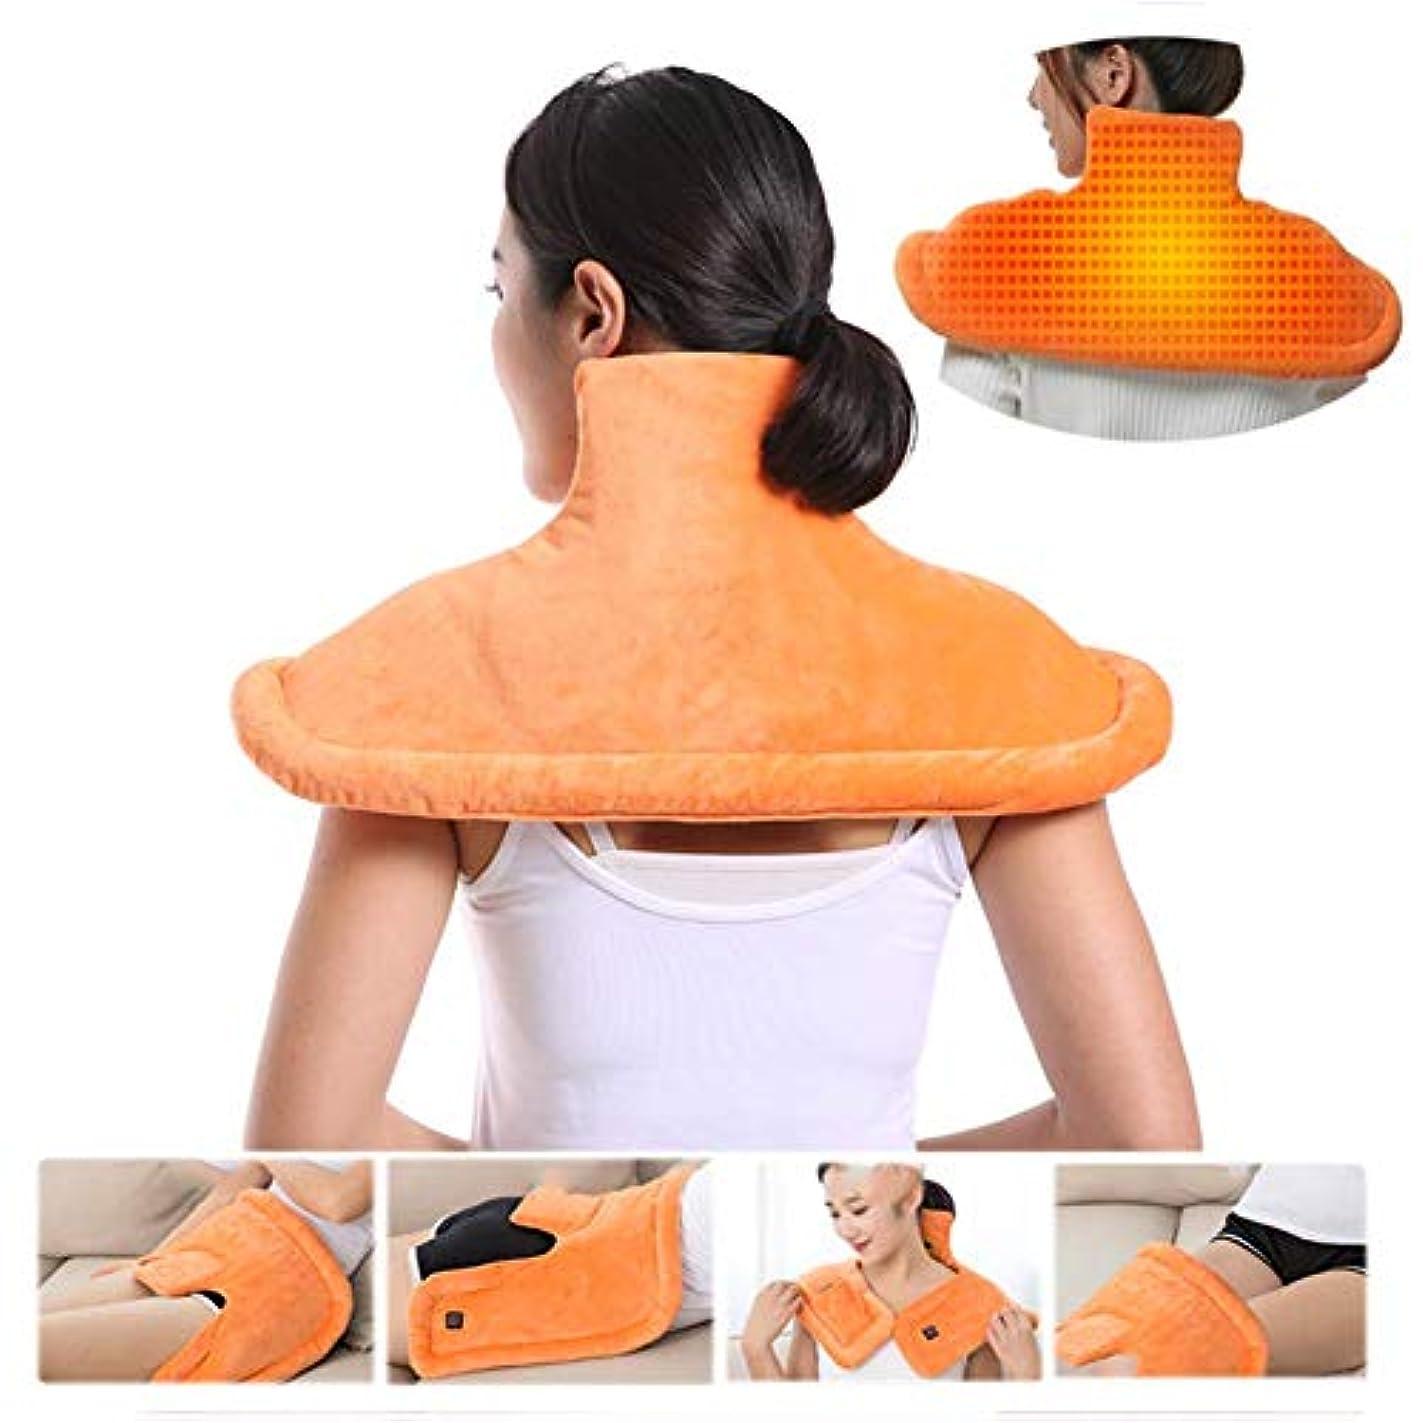 以内に矢印さまようSooger 電熱のストール 首の肩の背部暖房パッド、マッサージのヒートラップの熱くするショールの減圧のための調節可能な強度フルボディマッサージ首の肩暖房湿った熱療法のパッド